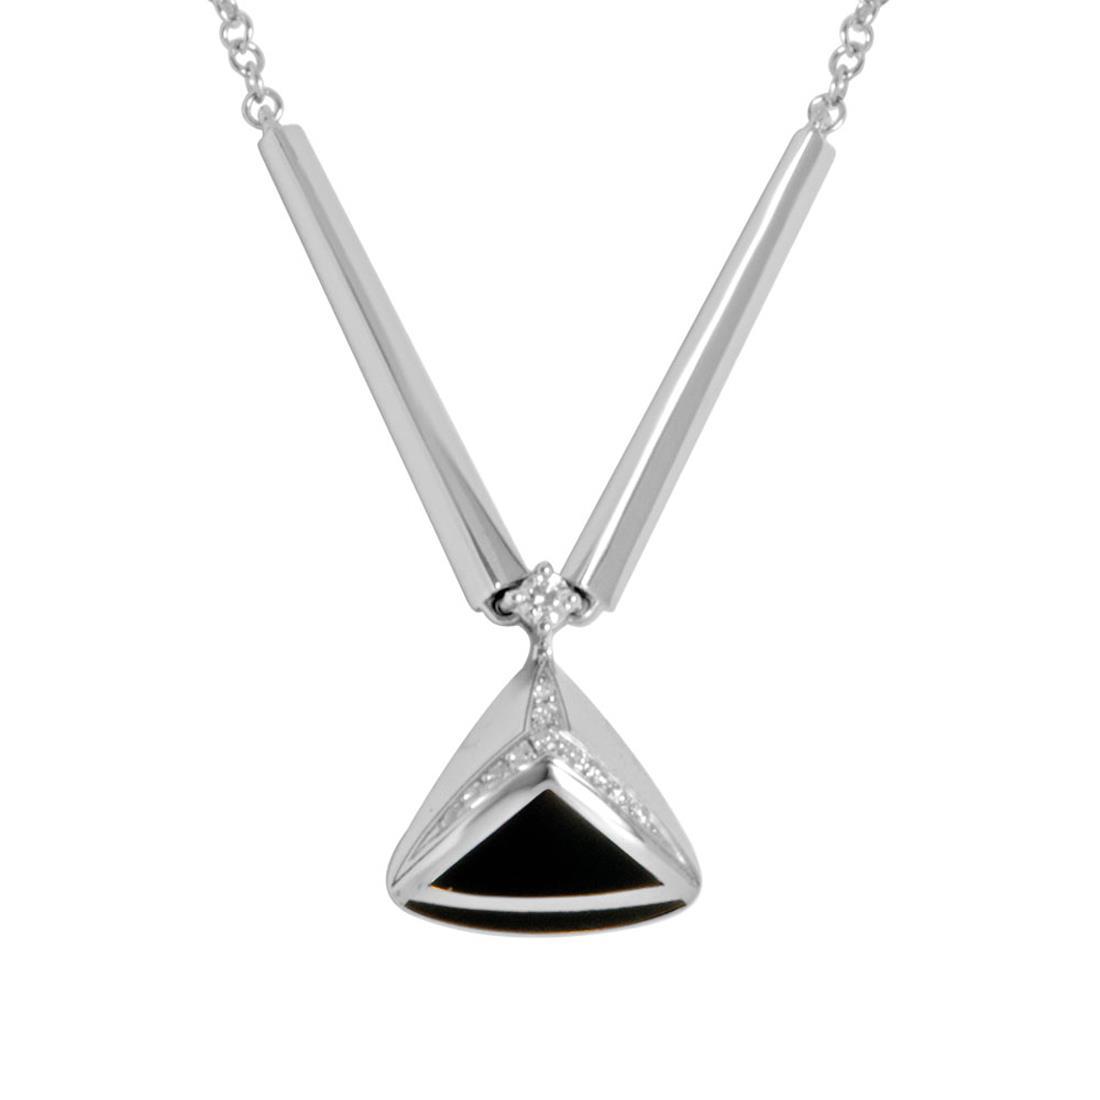 Collana in argento rodiato con smalto nero e zirconi - ALFIERI & ST. JOHN 925